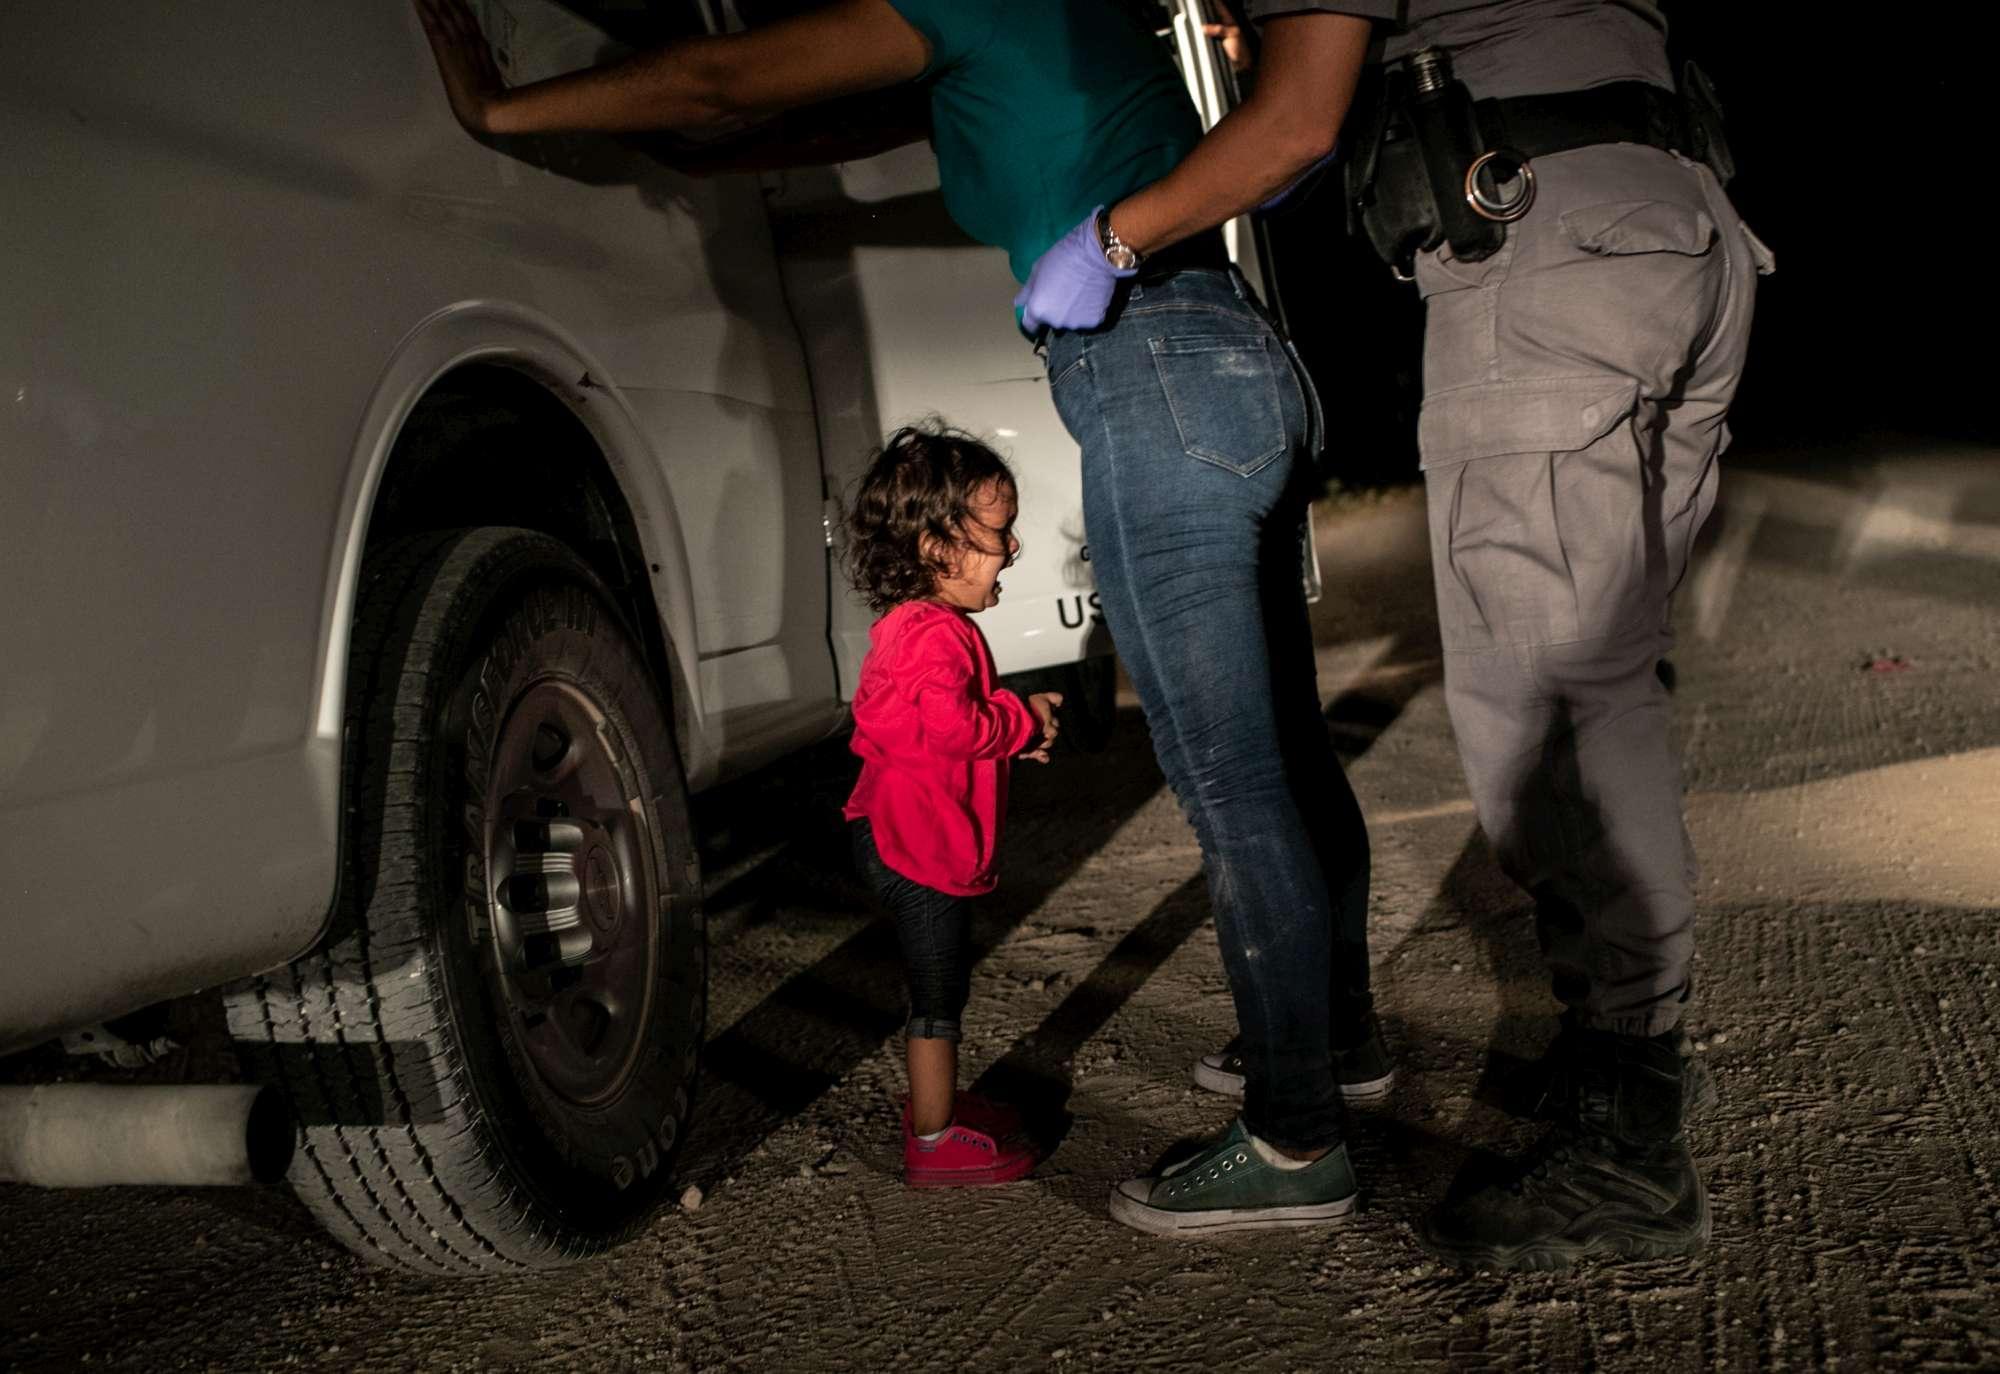 Le foto del World Press Photo 2019 in mostra alla Fondazione Sozzani